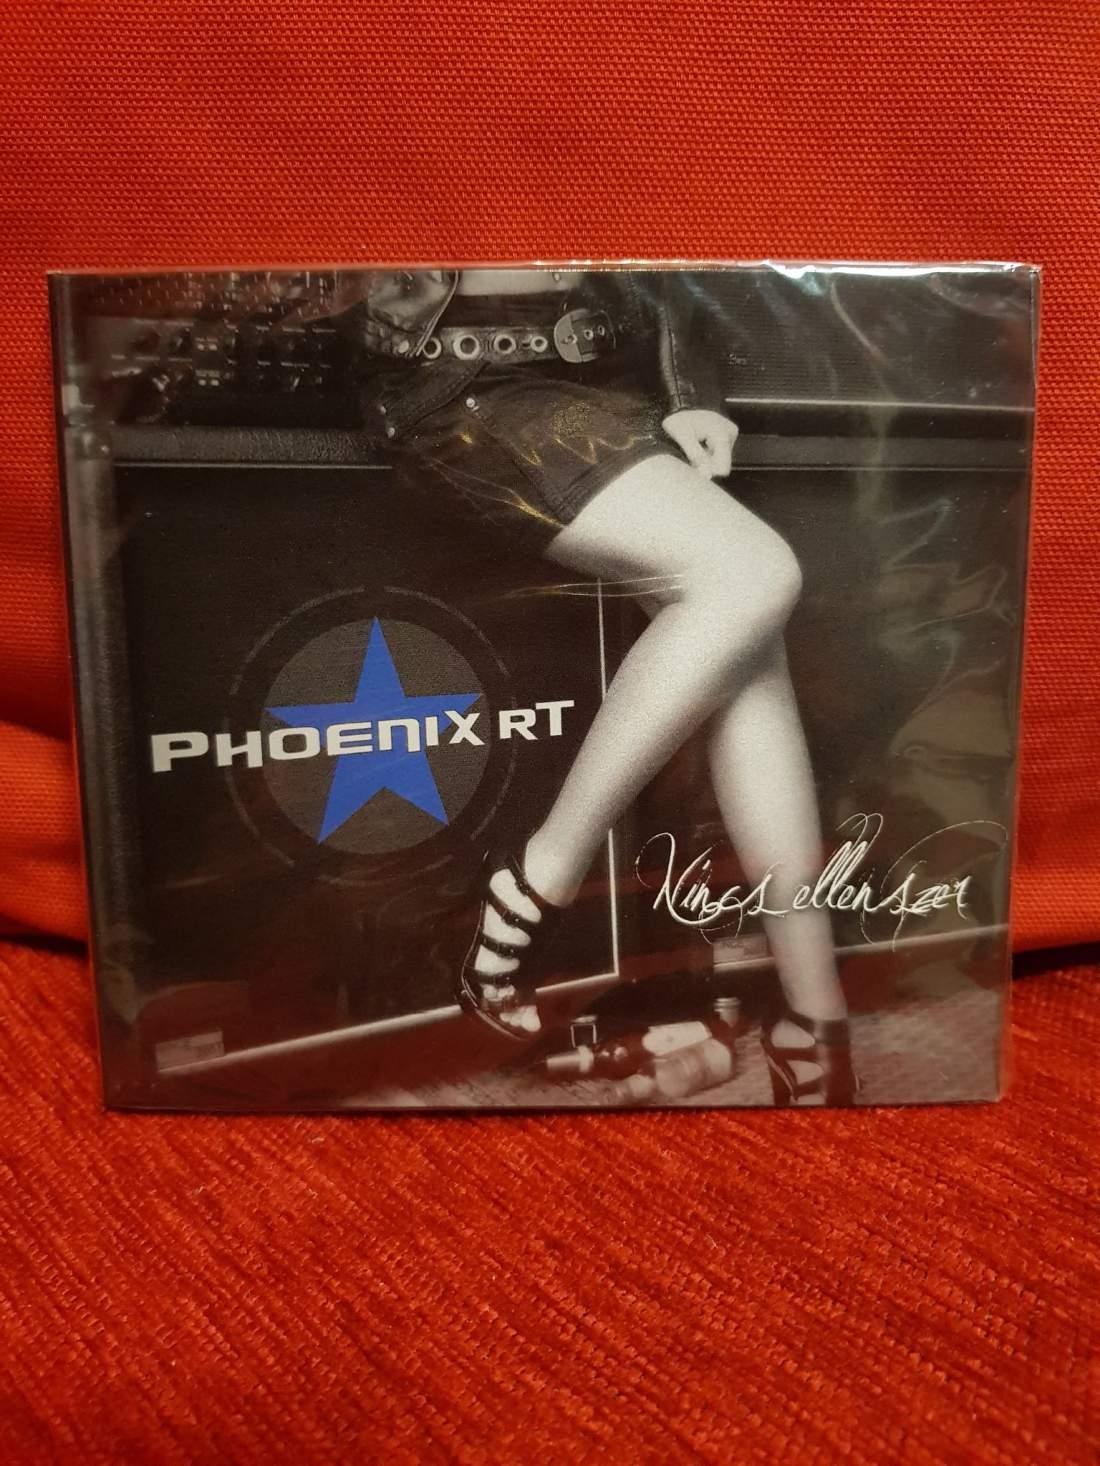 PHOENIX RT - NINCS ELLENSZER CD